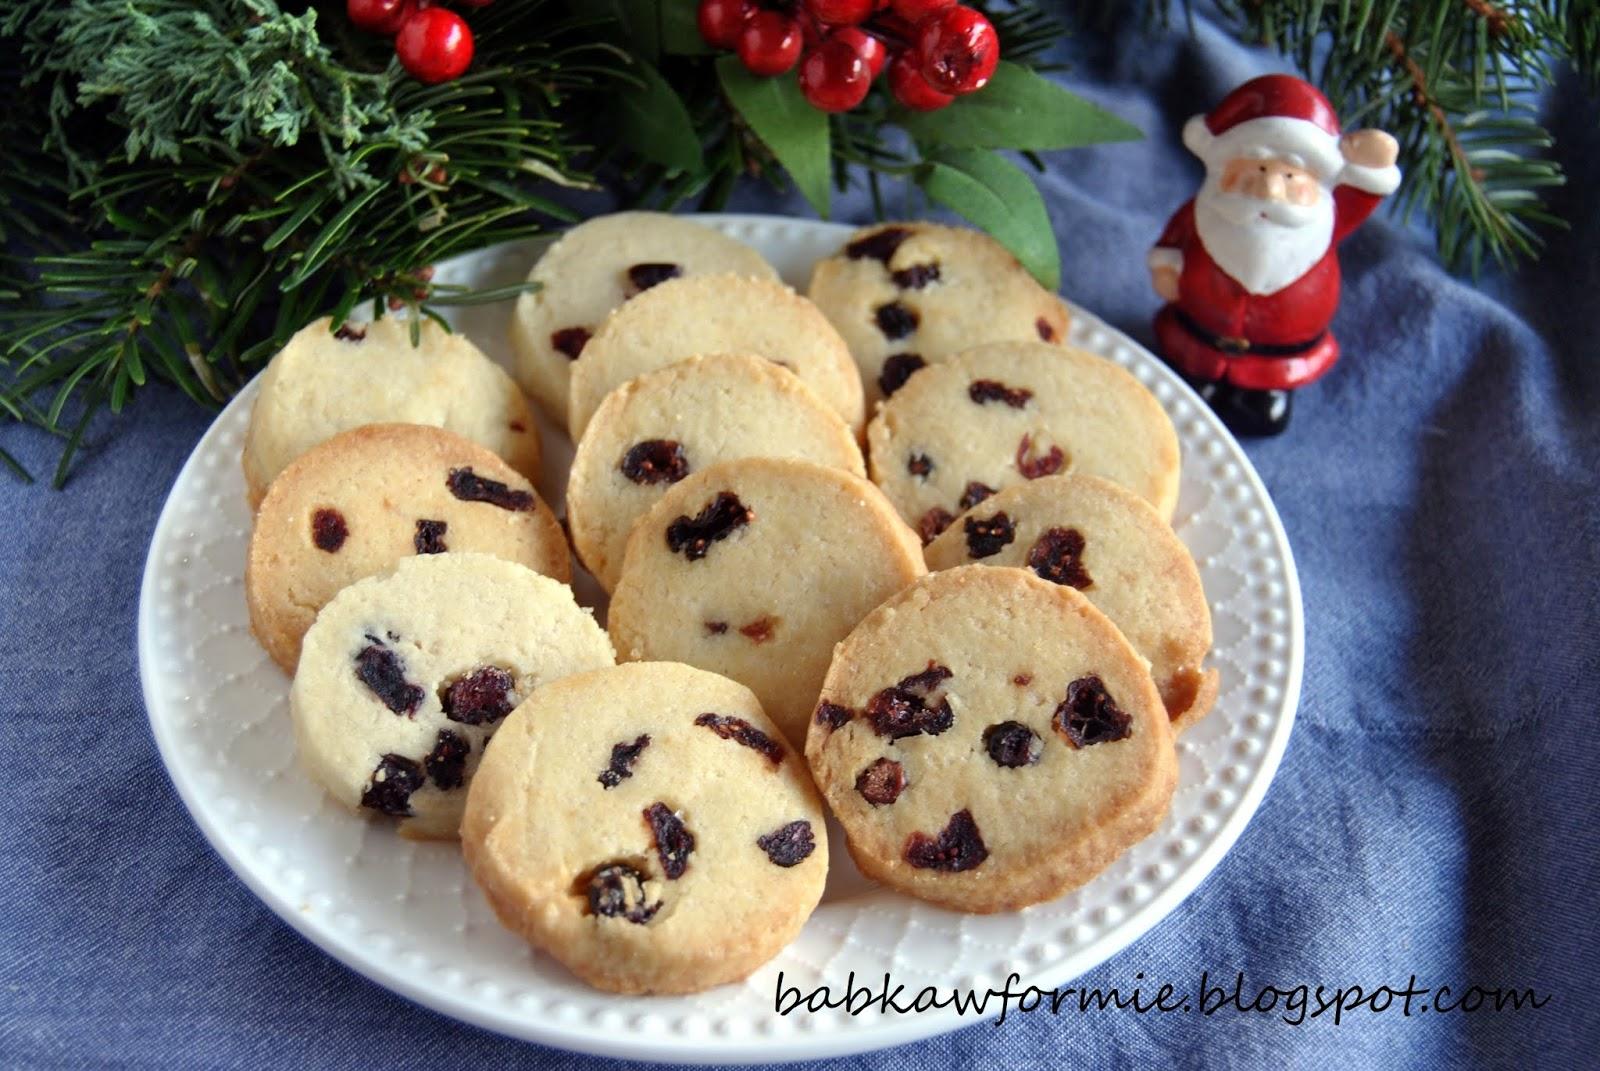 świąteczne ciasteczka maślane z żurawiną cranberry noel babkawformie.blogspot.com